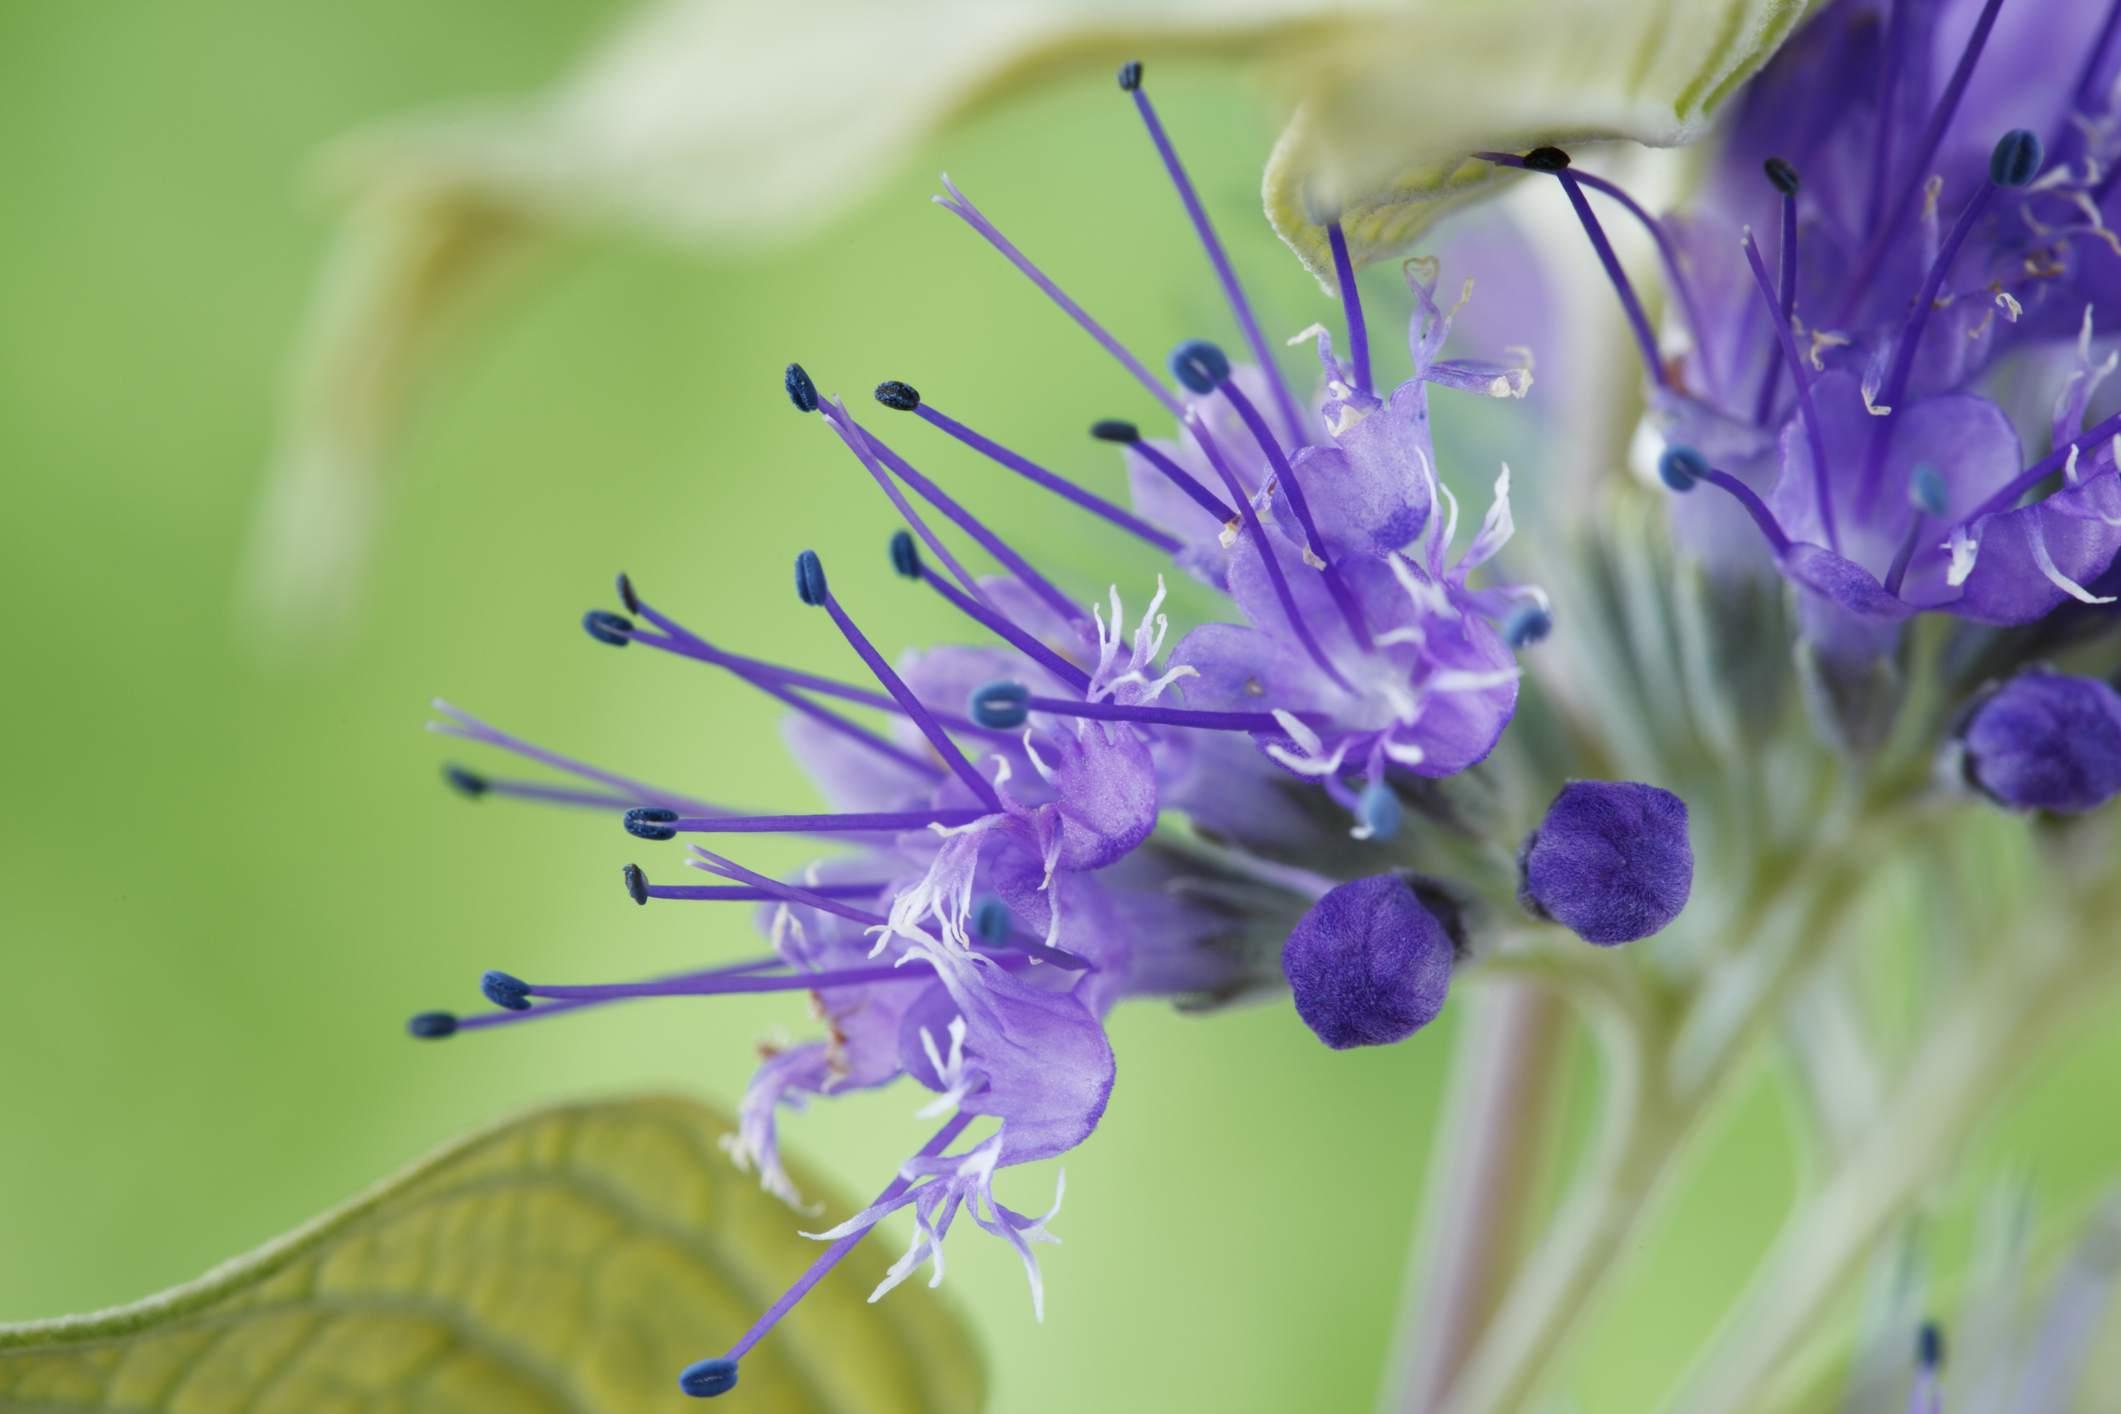 Super primer plano de la floración del arbusto de barba azul